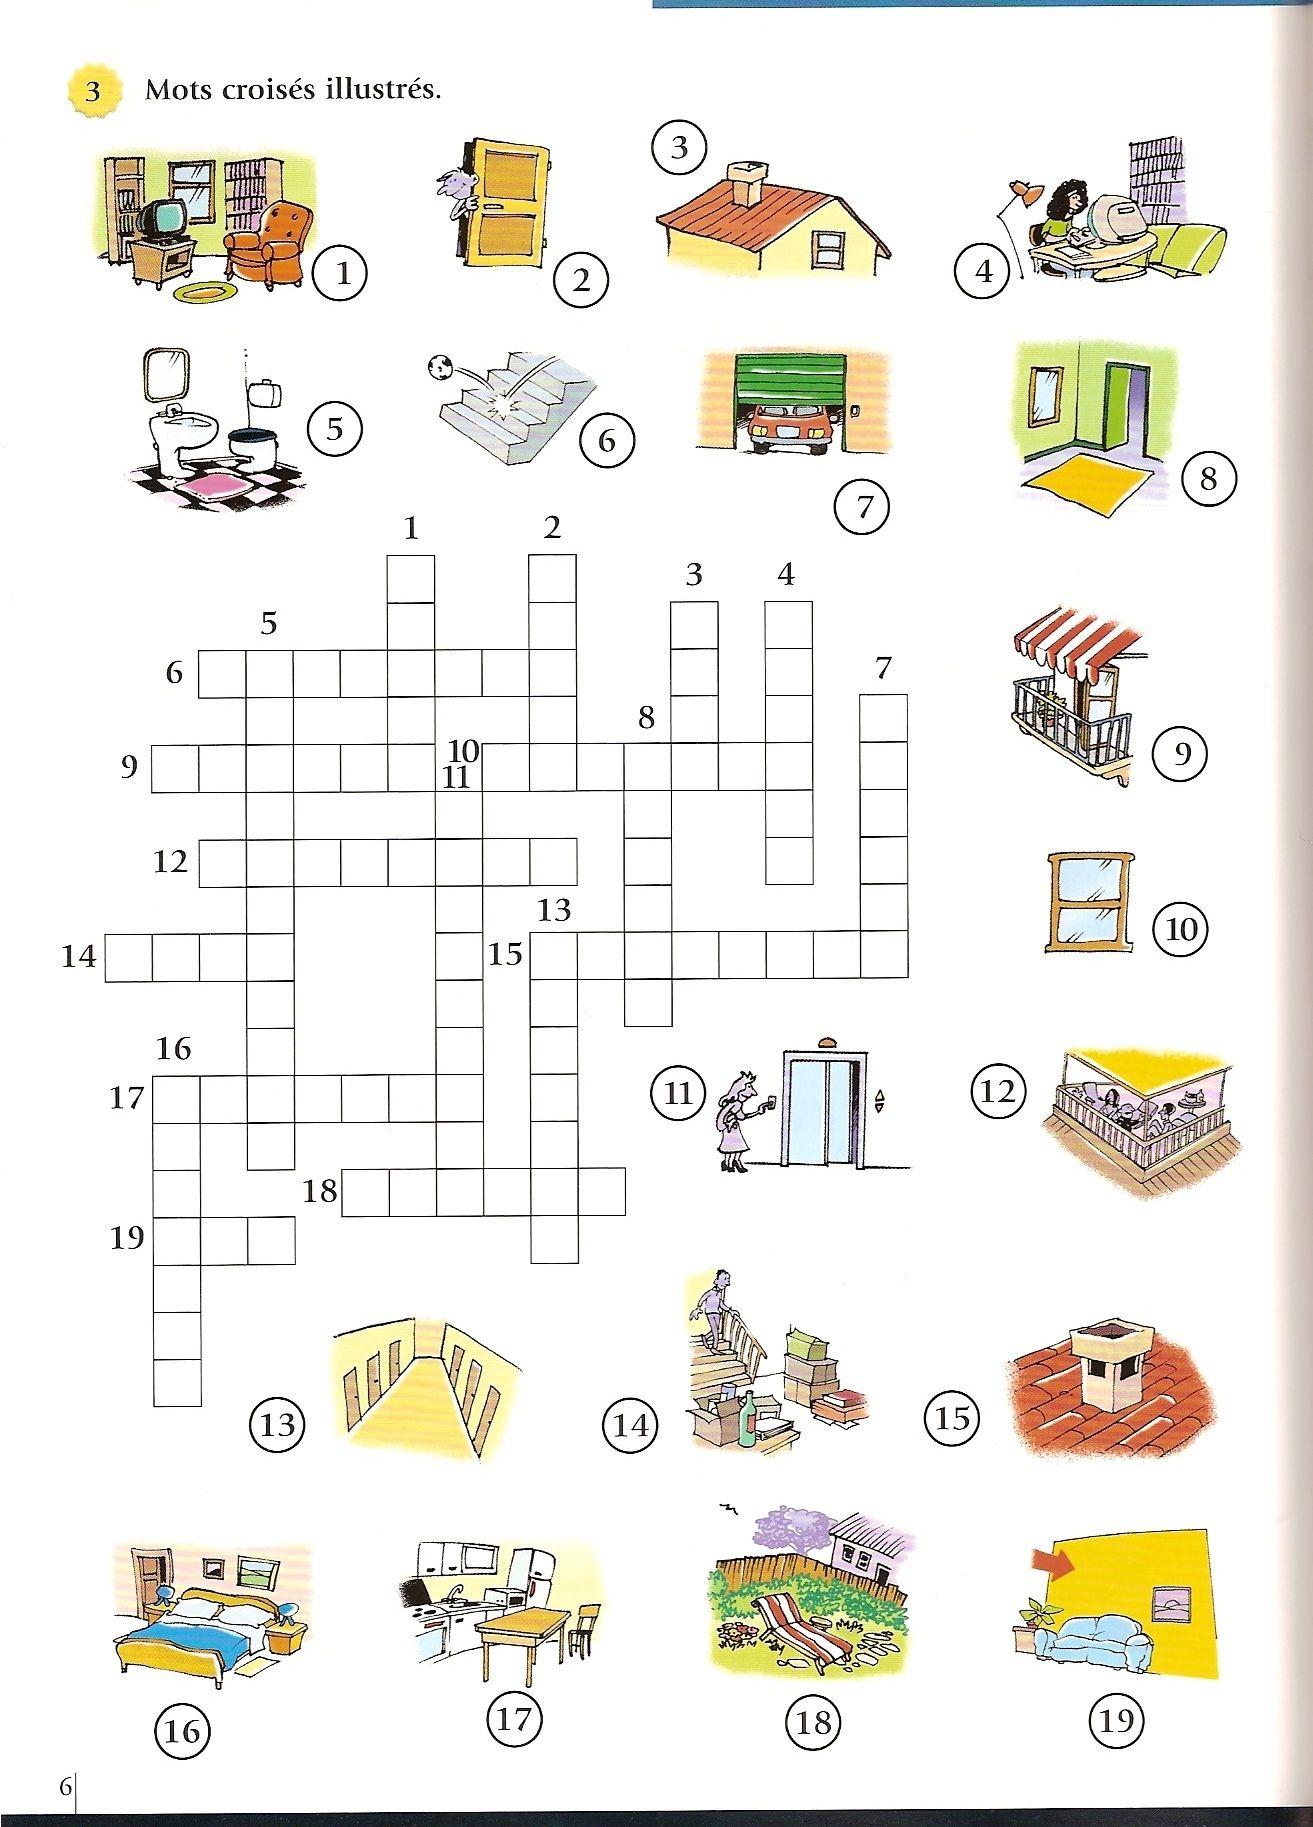 Mots Croisés Ce1 À Imprimer - Primanyc pour Jeux De Mots Enfants